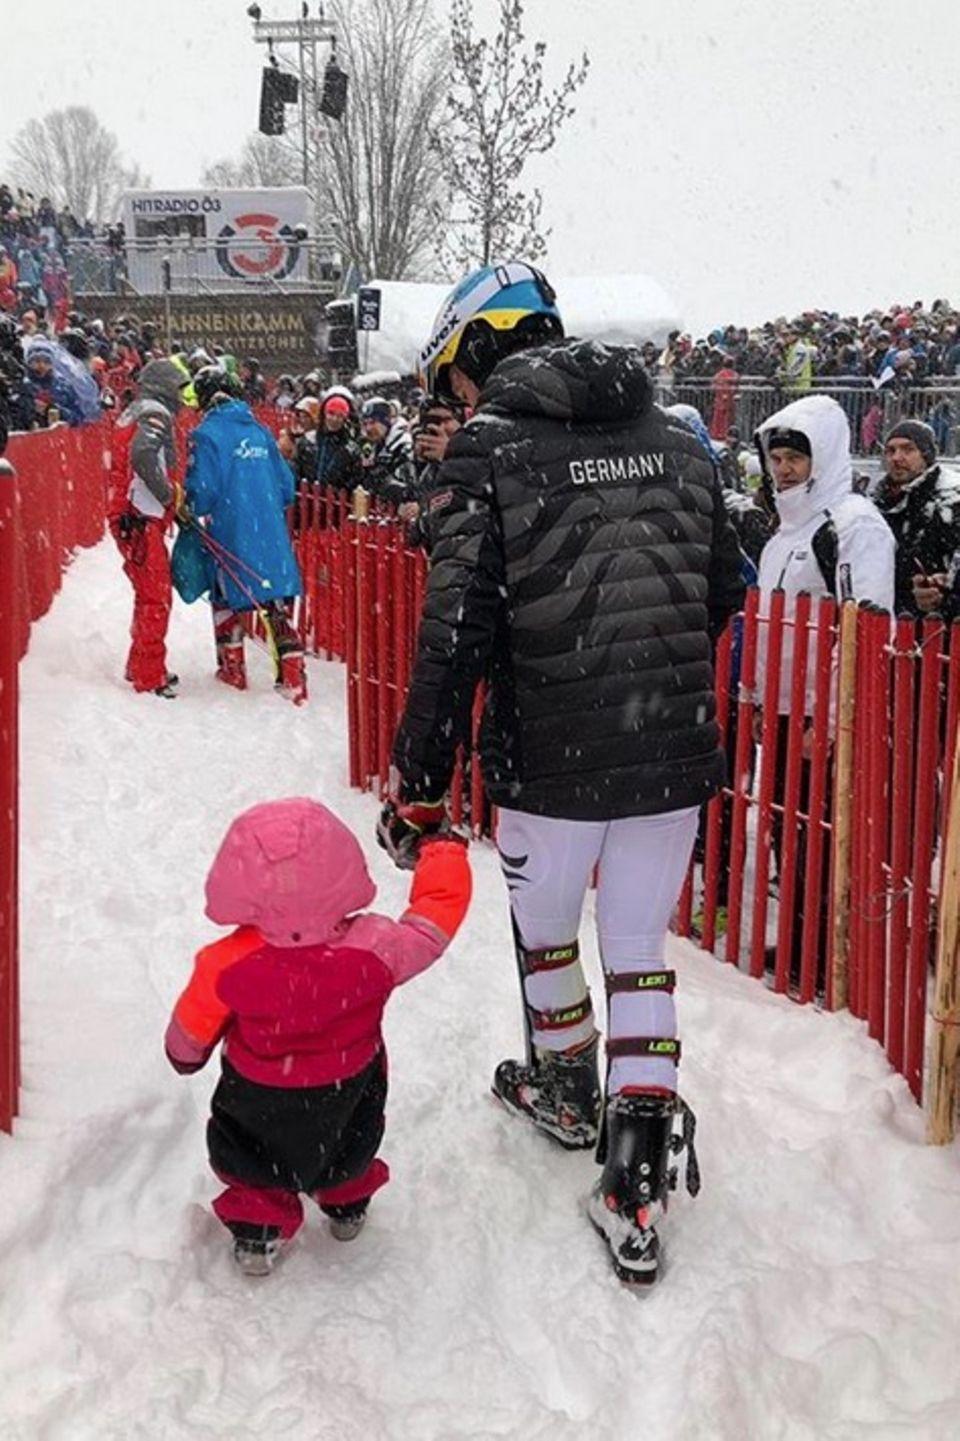 """""""Bye bye Kitzbühel"""" schreibt Felix Neureuther zu diesem süßen Schnappschuss mit seiner Tochter. Matilda hatte ihren Papa im rosafarbenen Schneeanzug zum """"Kitzbühel-Slalom"""" begleitet und stapfte fröhlich an der Hand des Skifahrers durch den Schnee."""